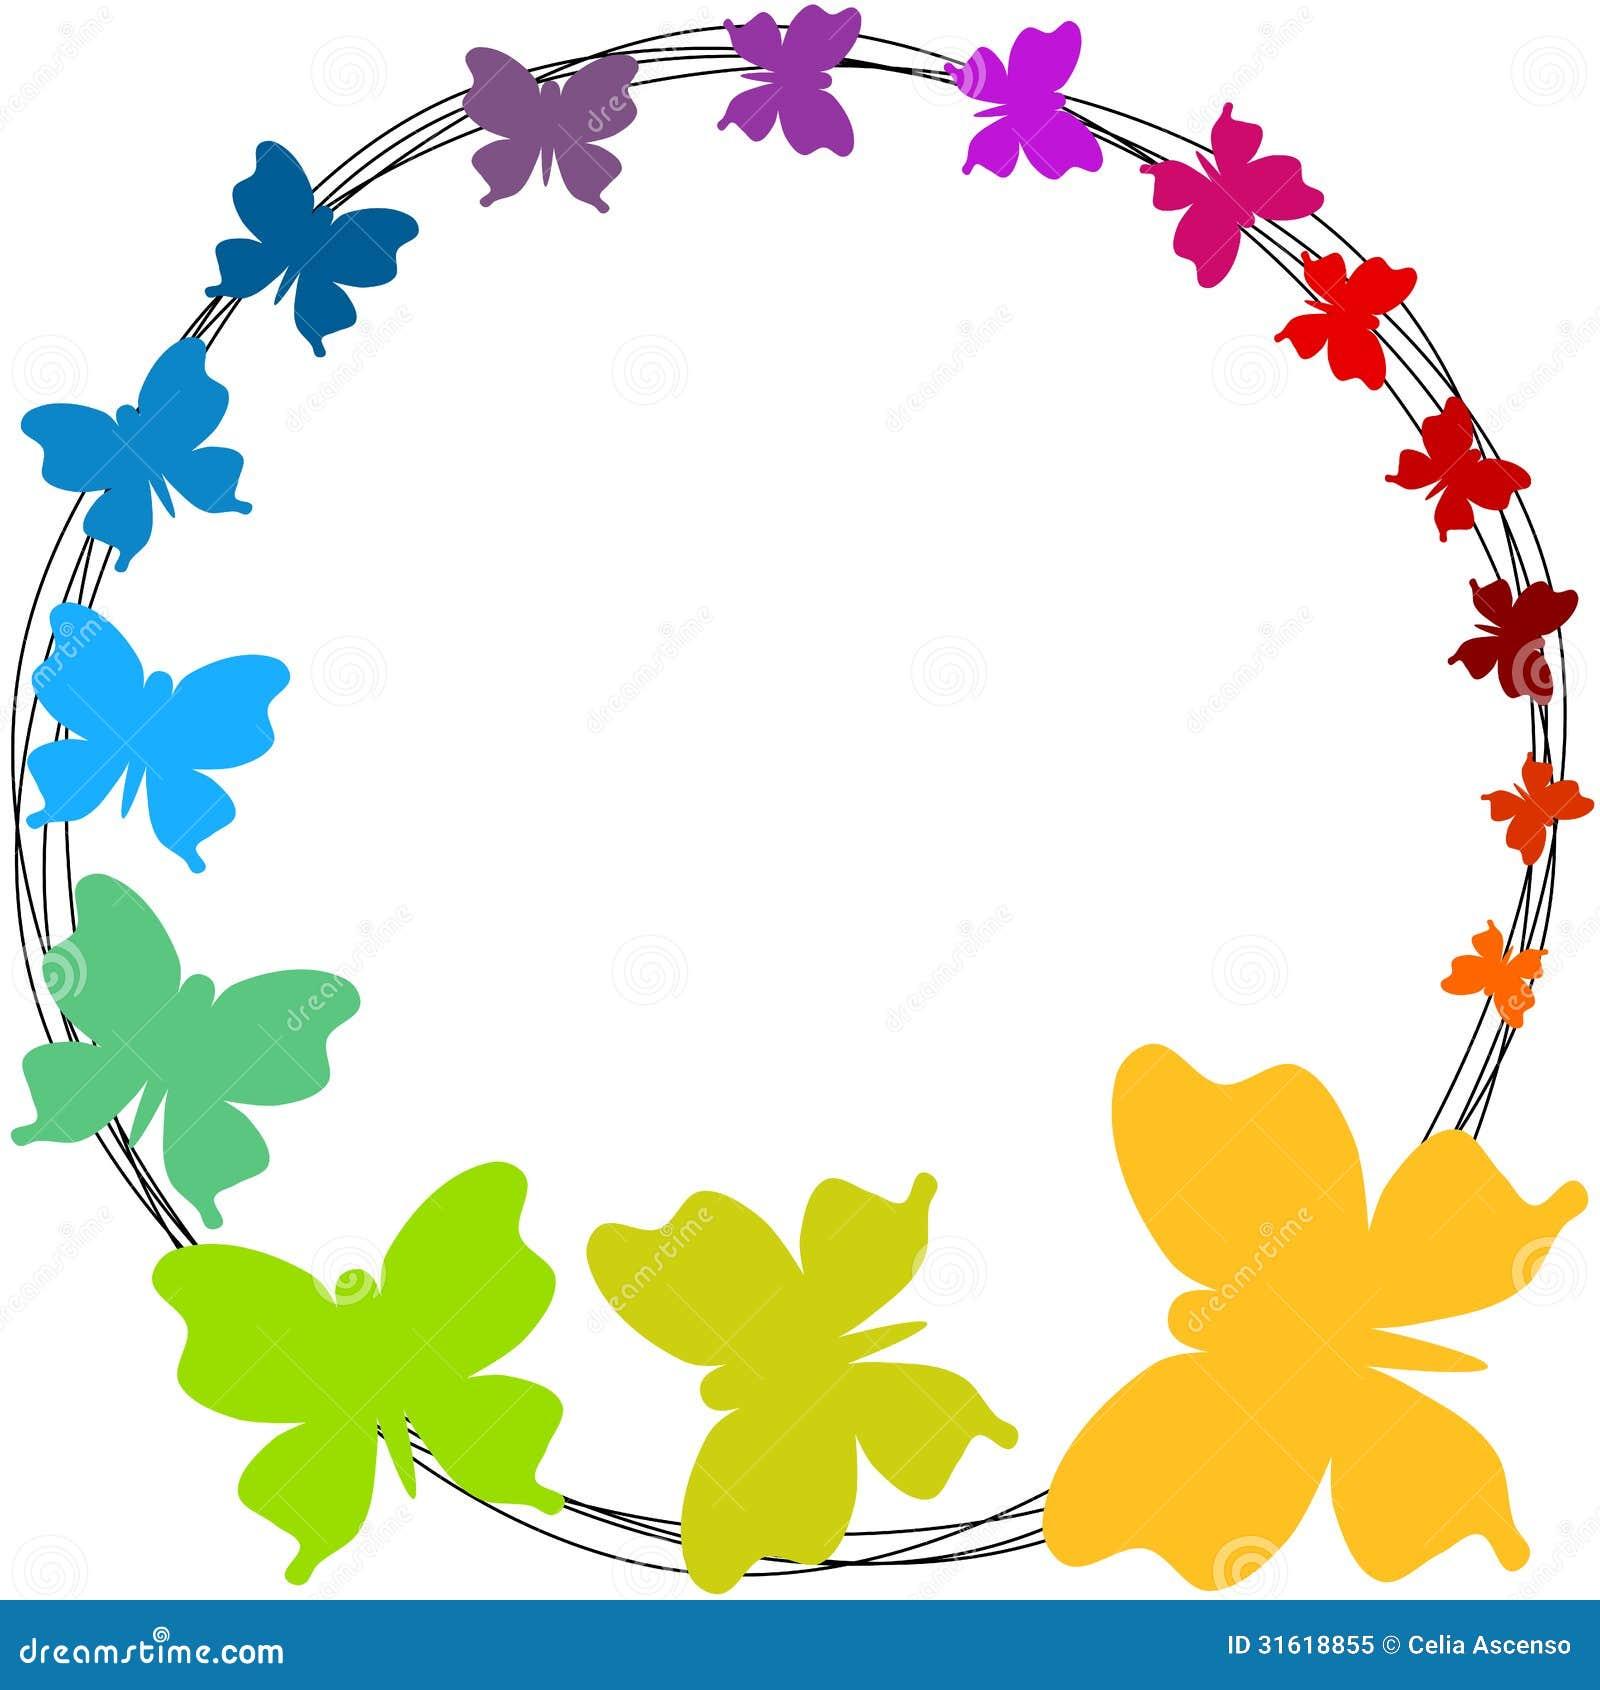 Рамка границы бабочек радуги круглая